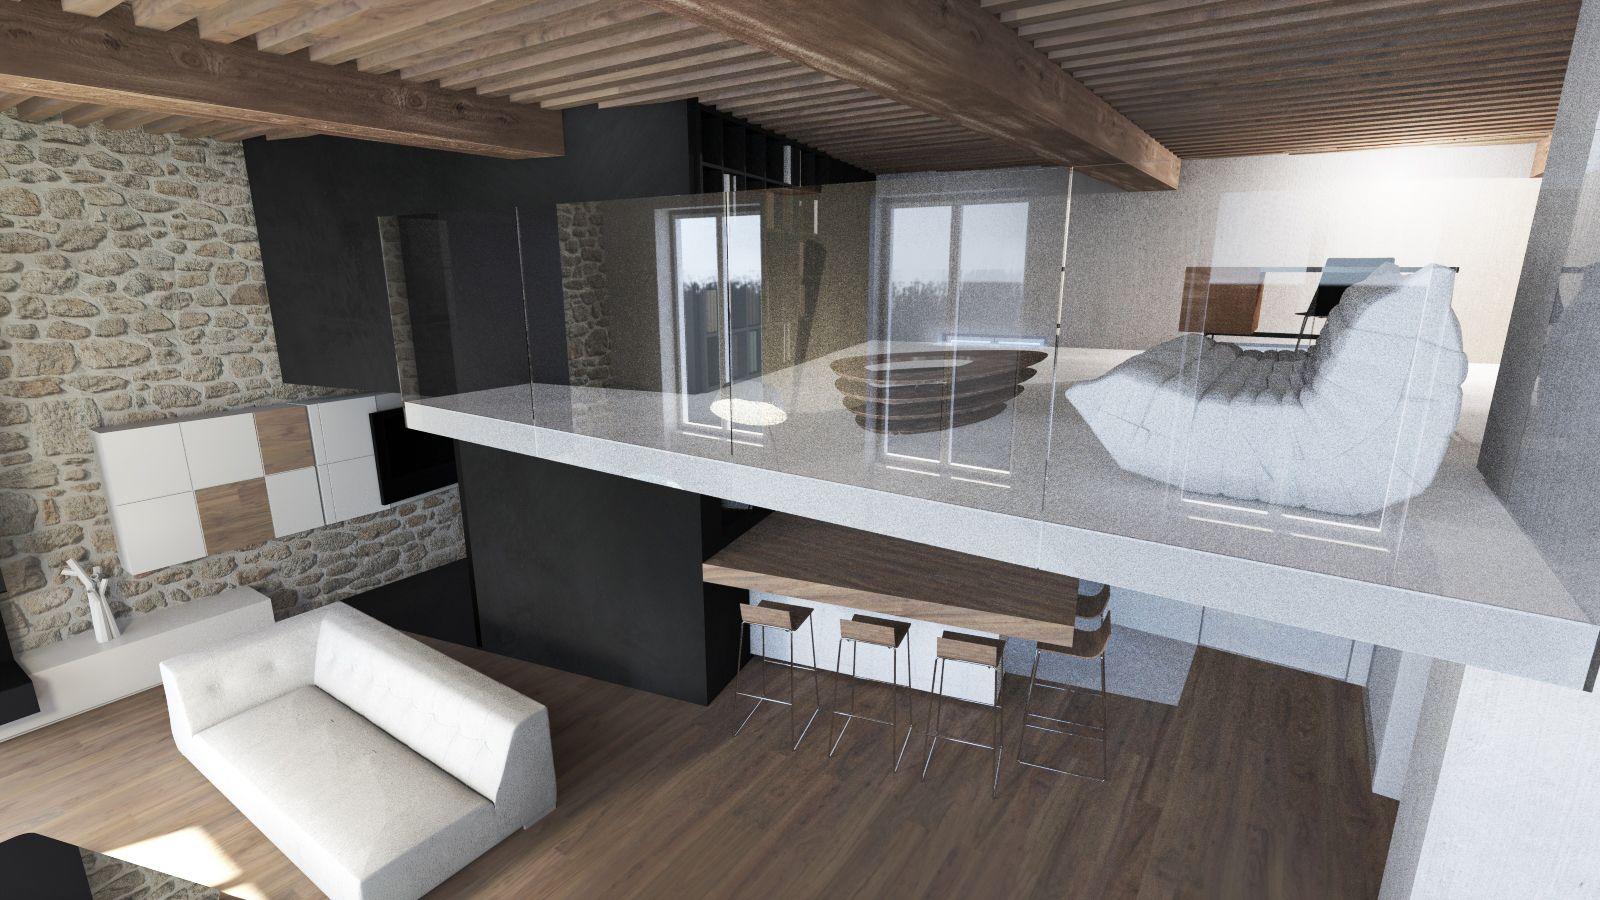 Best Architecture Contemporaine Interieur Gallery - Matkin.info ...